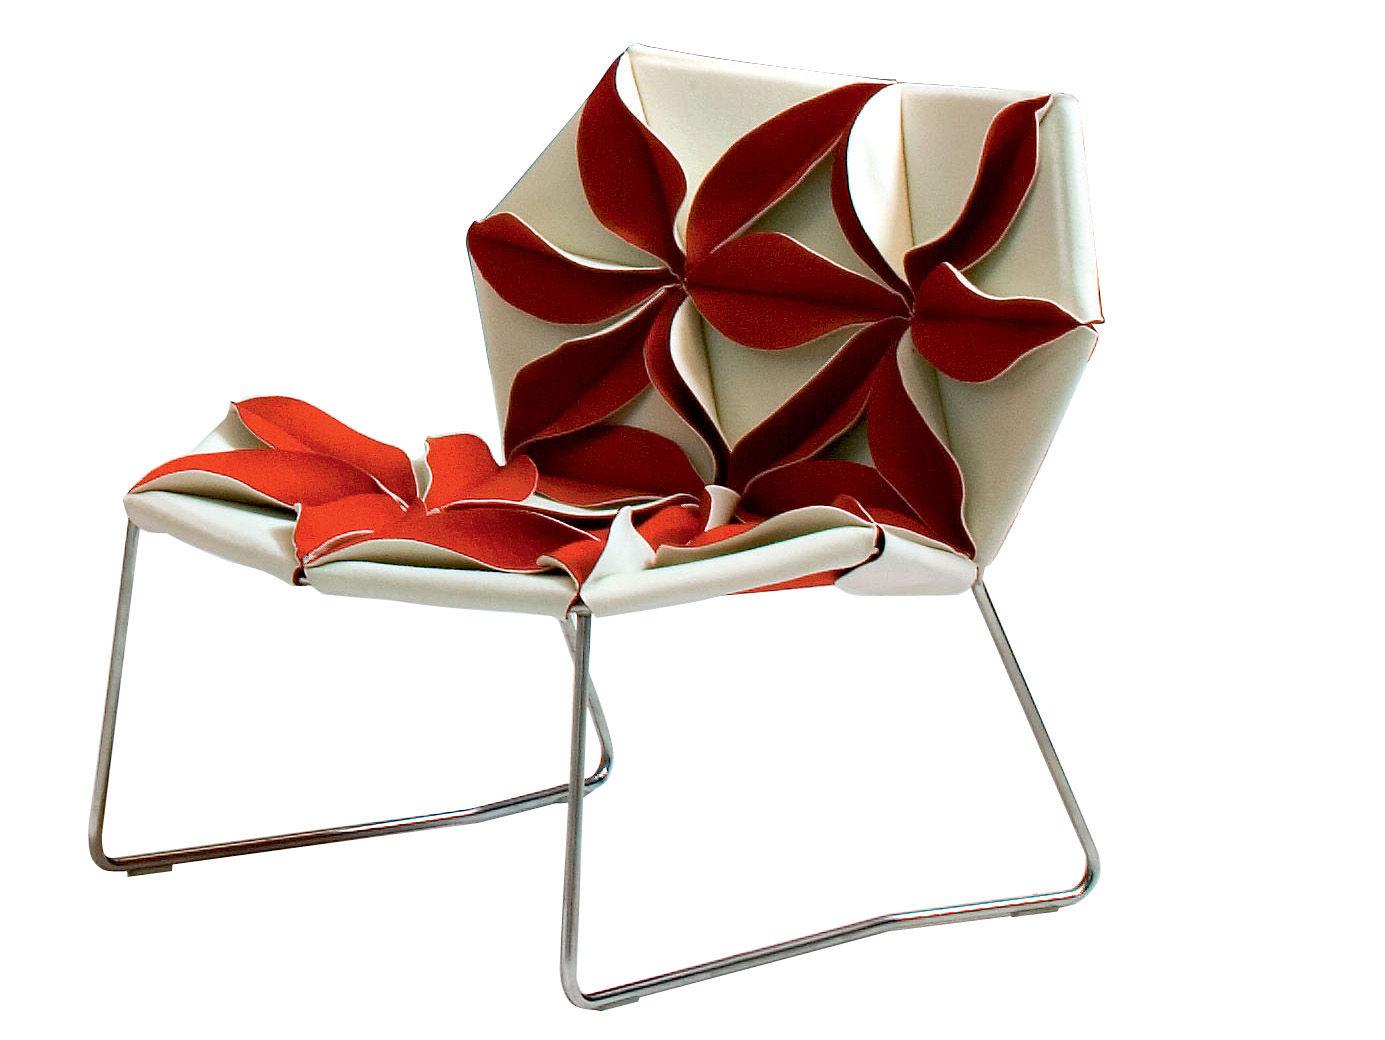 Möbel - Außergewöhnliche Möbel - Antibodi Lounge Sessel - Moroso - Weiß/rote Blumen - Gewebe, rostfreier Stahl